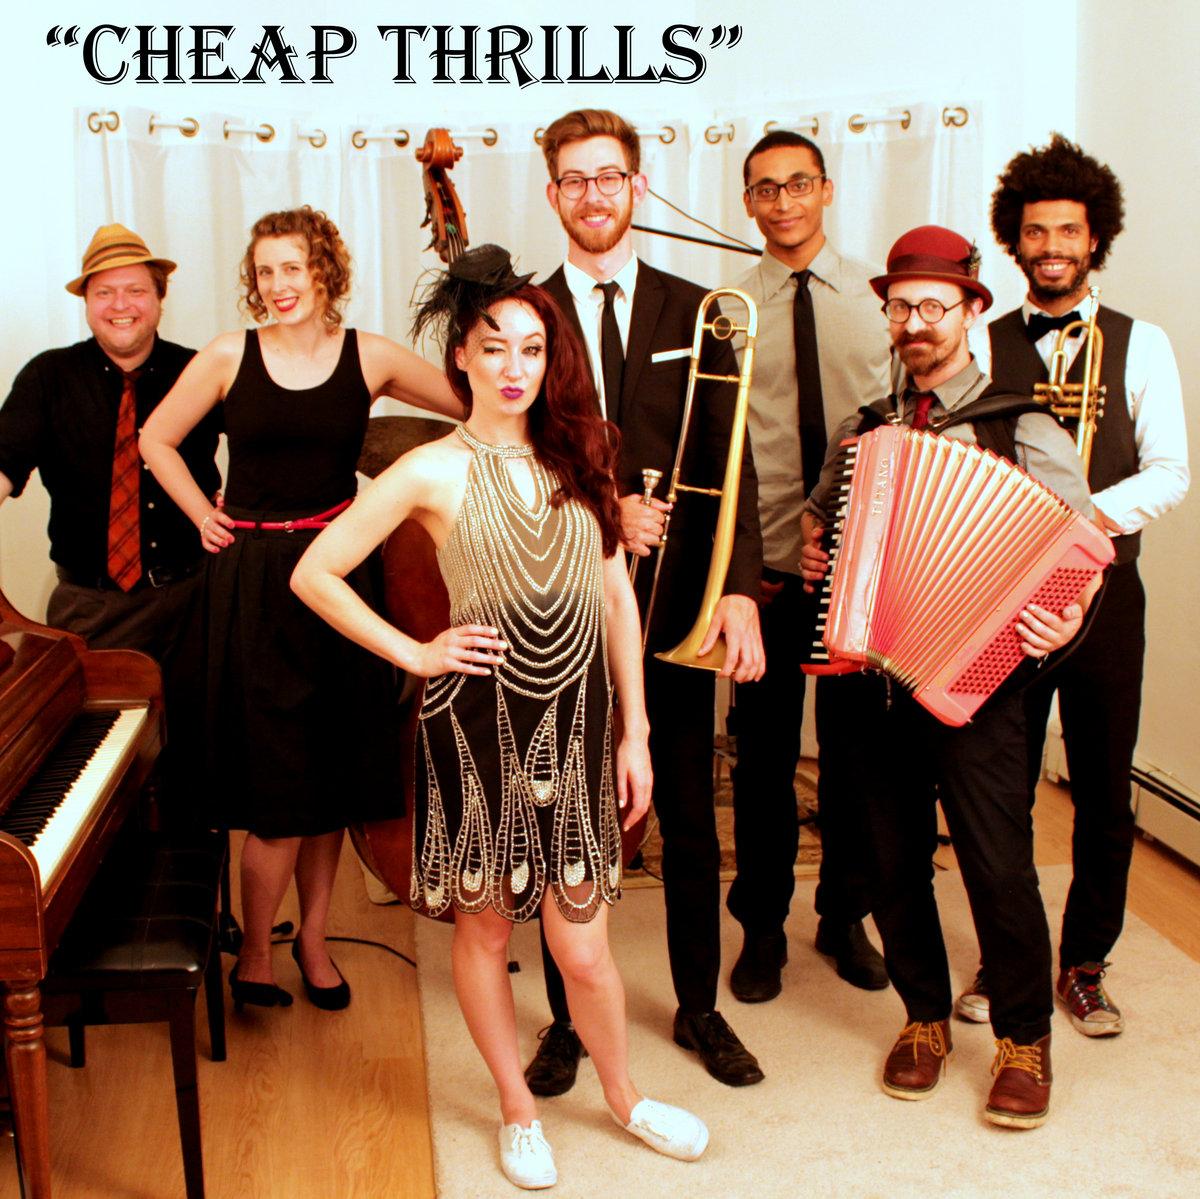 cheap thrills 2013 download